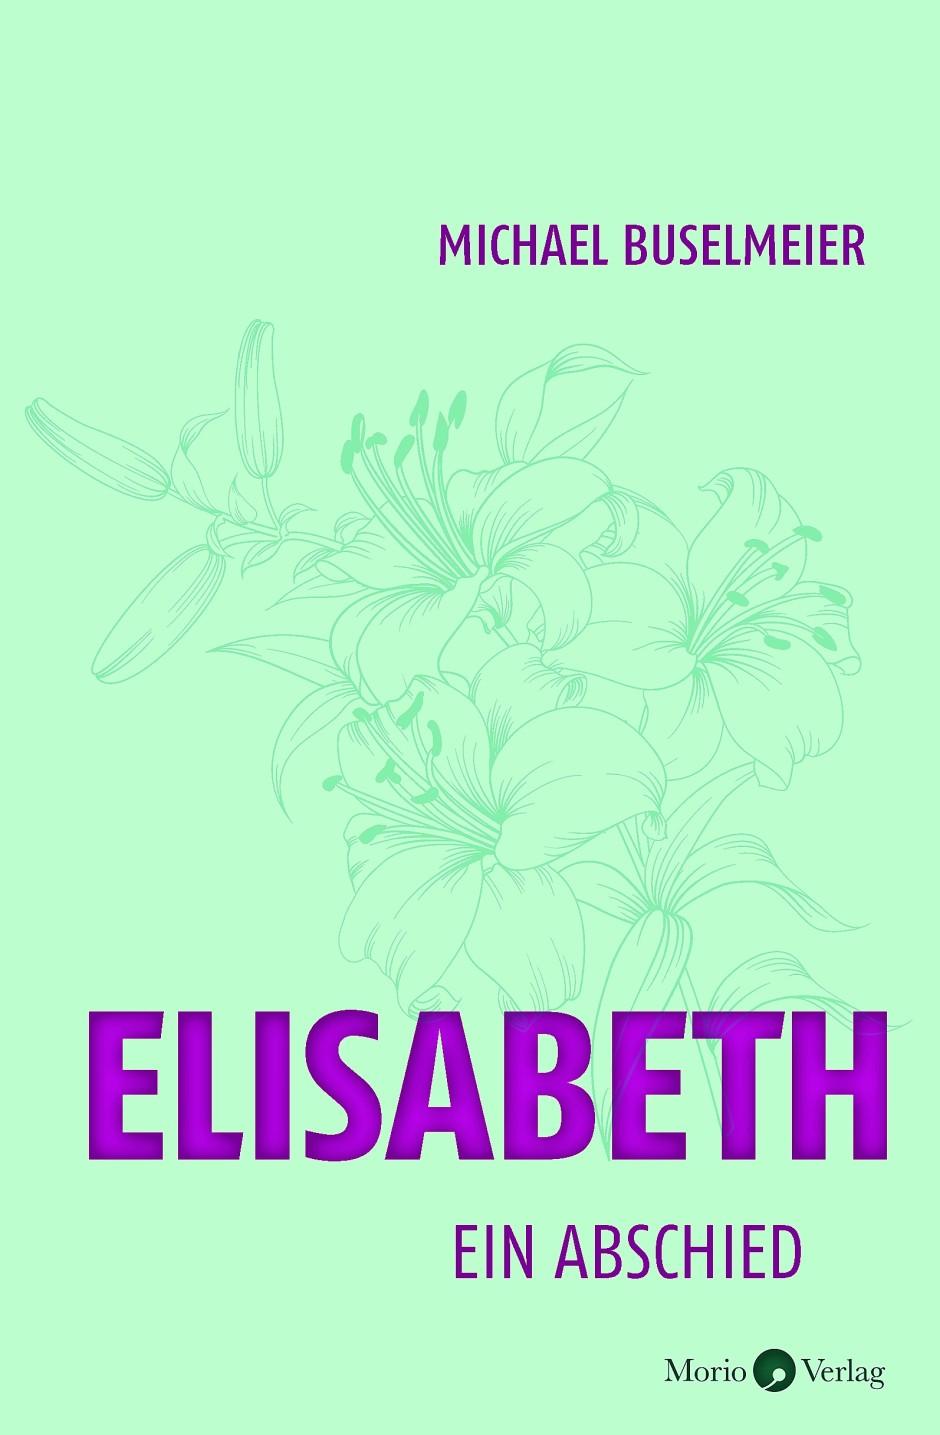 """Michael Buselmeier: """"Elisabeth"""". Ein Abschied. Morio Verlag, Heidelberg 2021. 200 S., geb., 18,- €"""